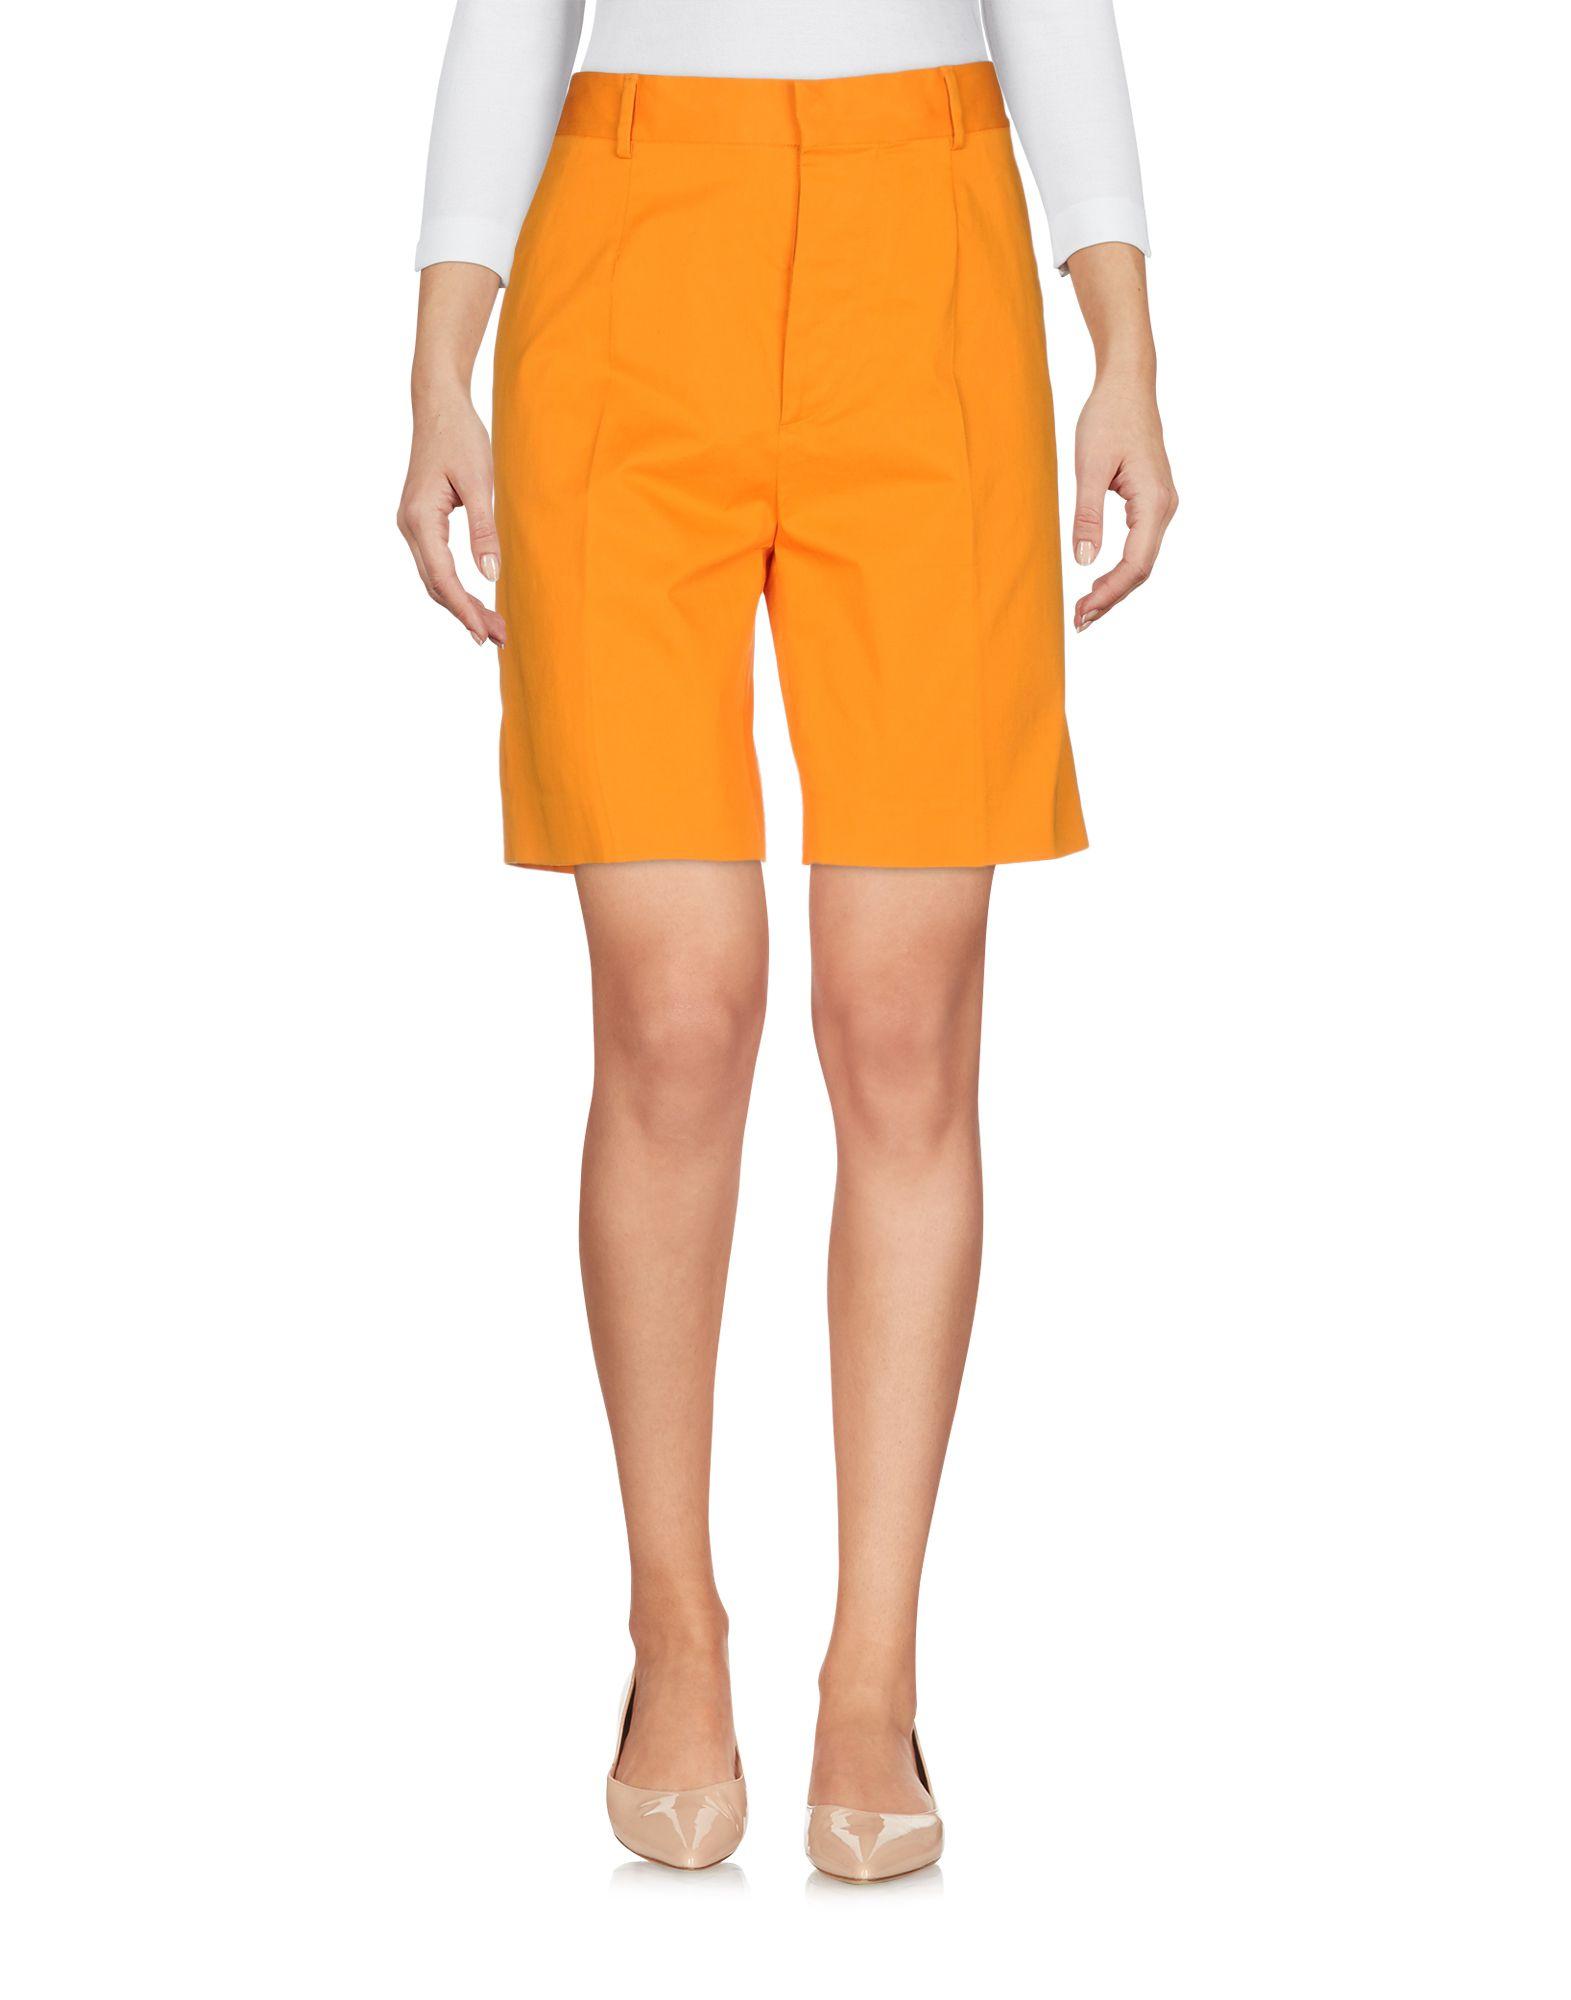 DSQUARED2 Damen Bermudashorts Farbe Orange Größe 4 - broschei